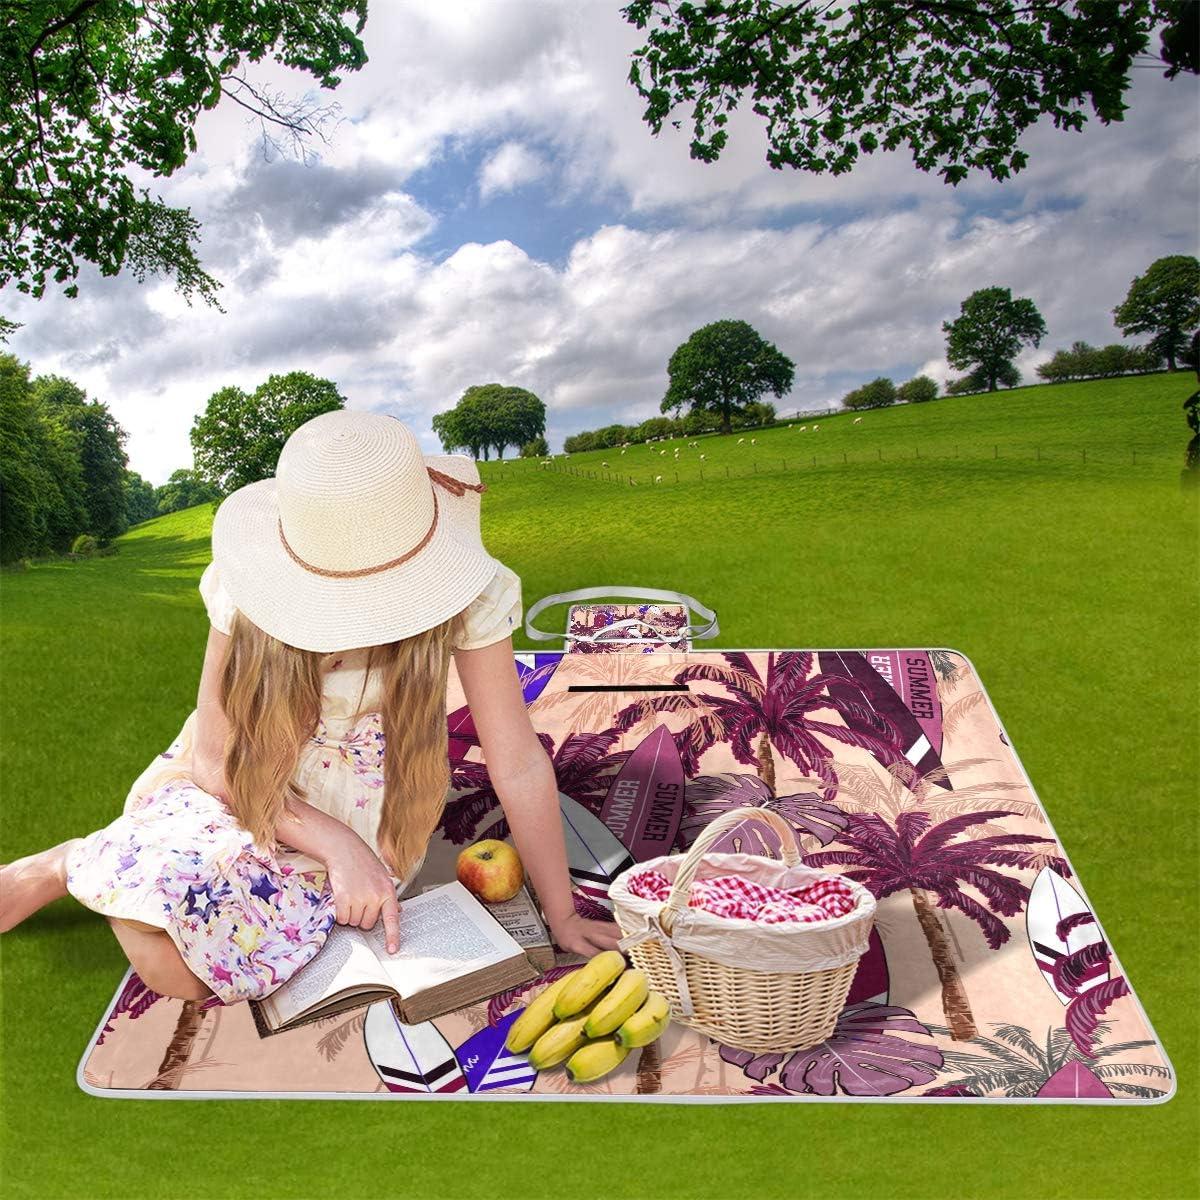 XINGAKA Coperta da Picnic Tappetino Campeggio,Carta da Parati Botanica del Modello Senza Cuciture di Vettore di Estate,Giardino Spiaggia Impermeabile Anti Sabbia 13